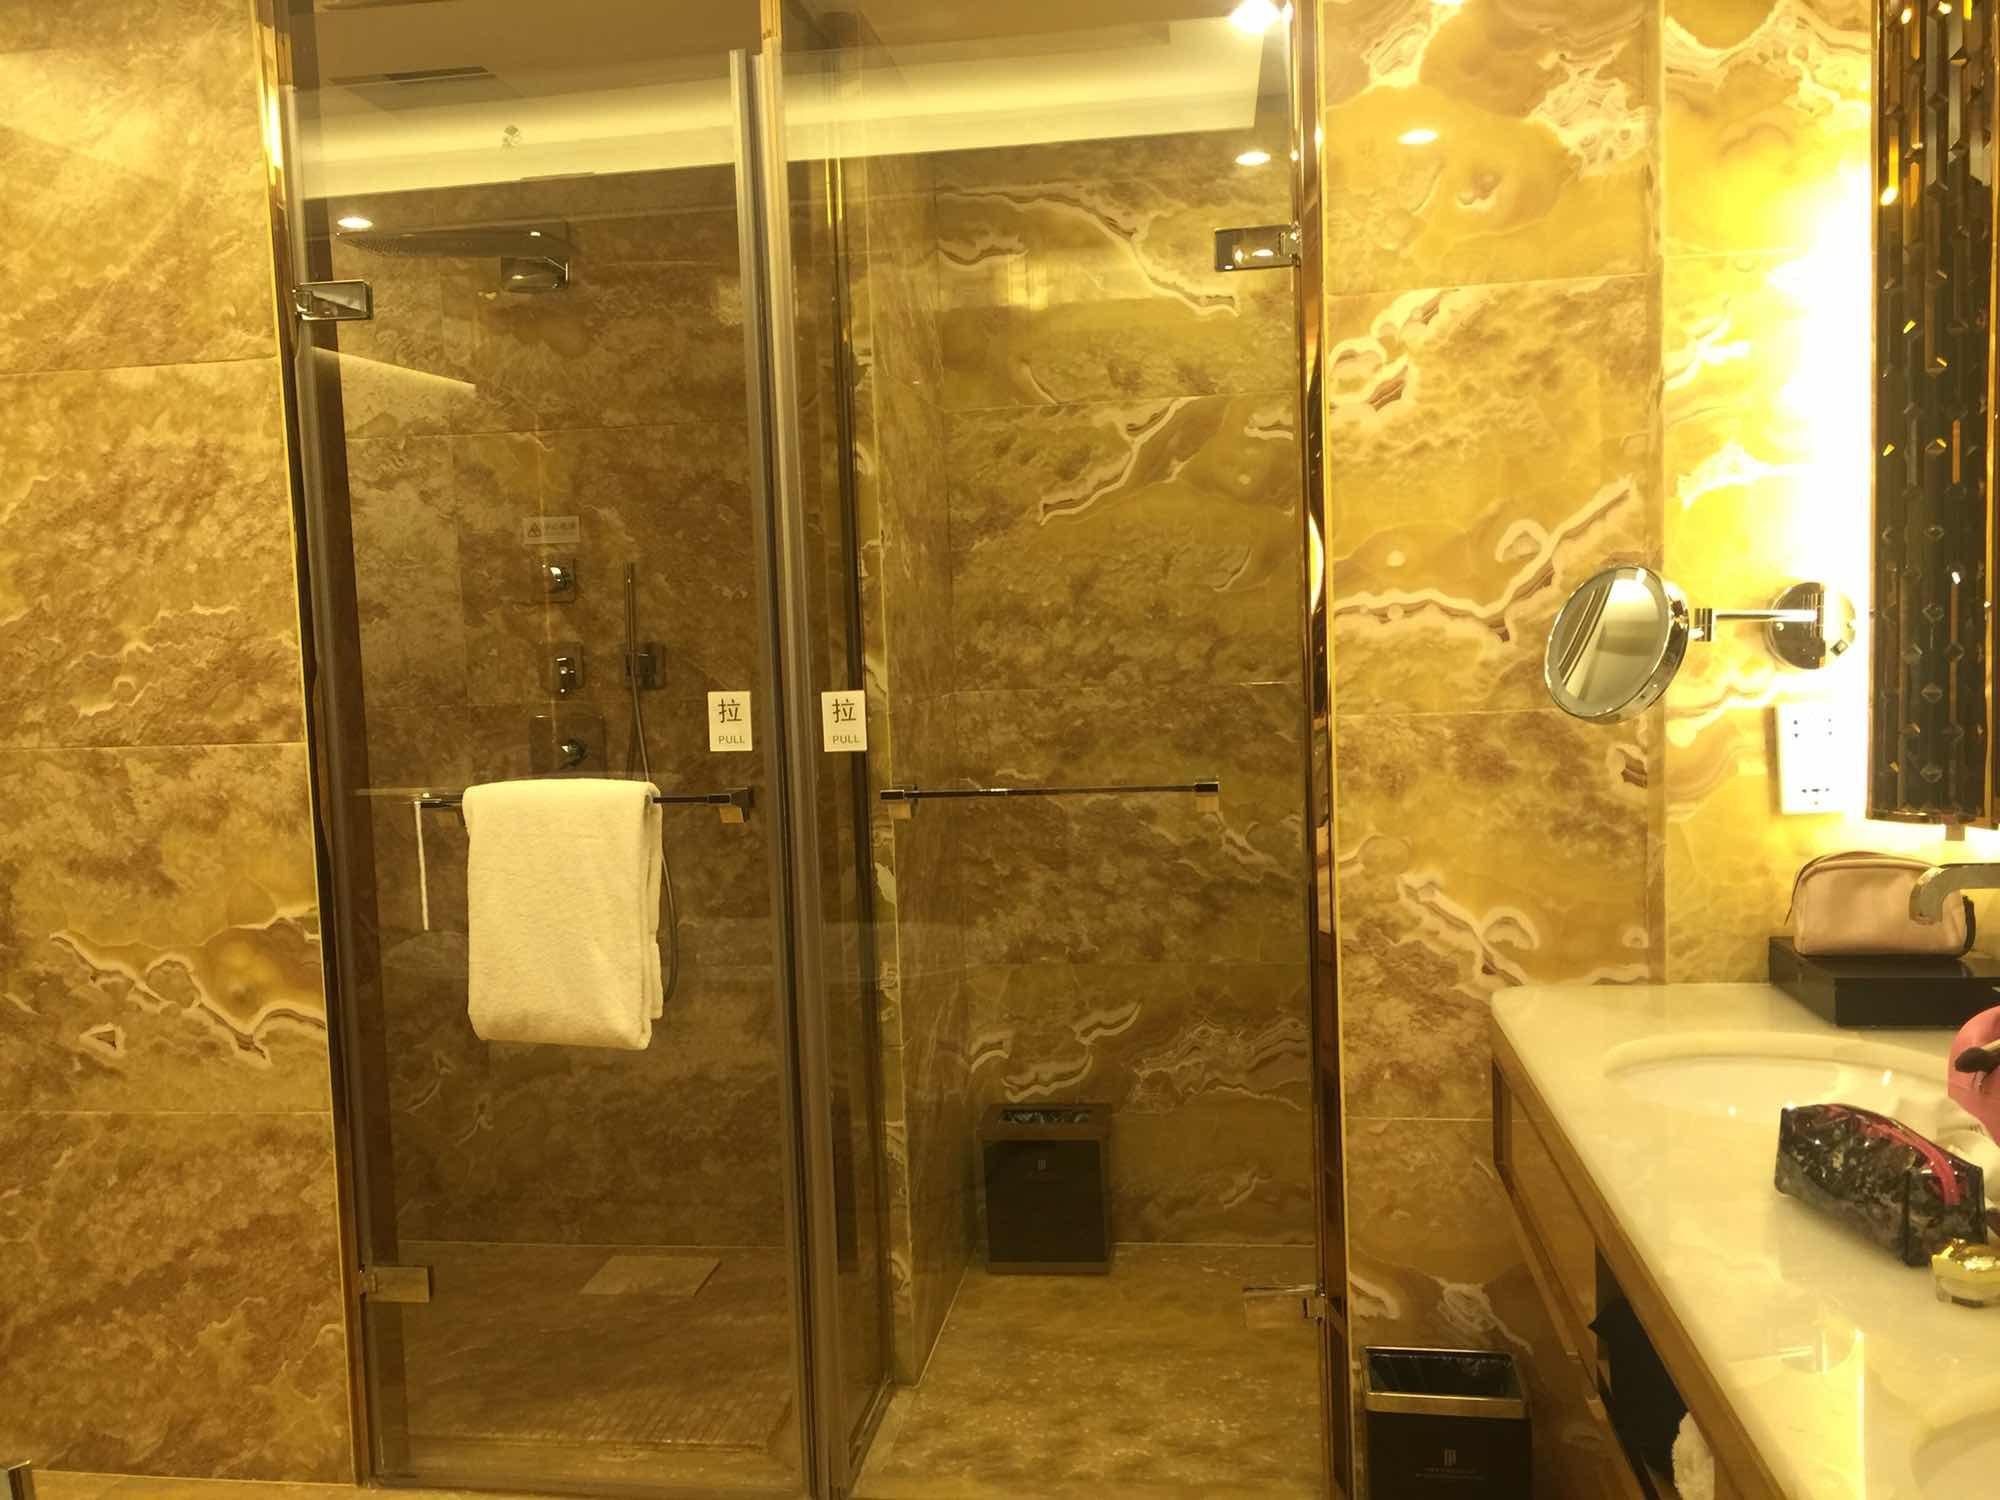 厕所 家居 设计 卫生间 卫生间装修 装修 2000_1500